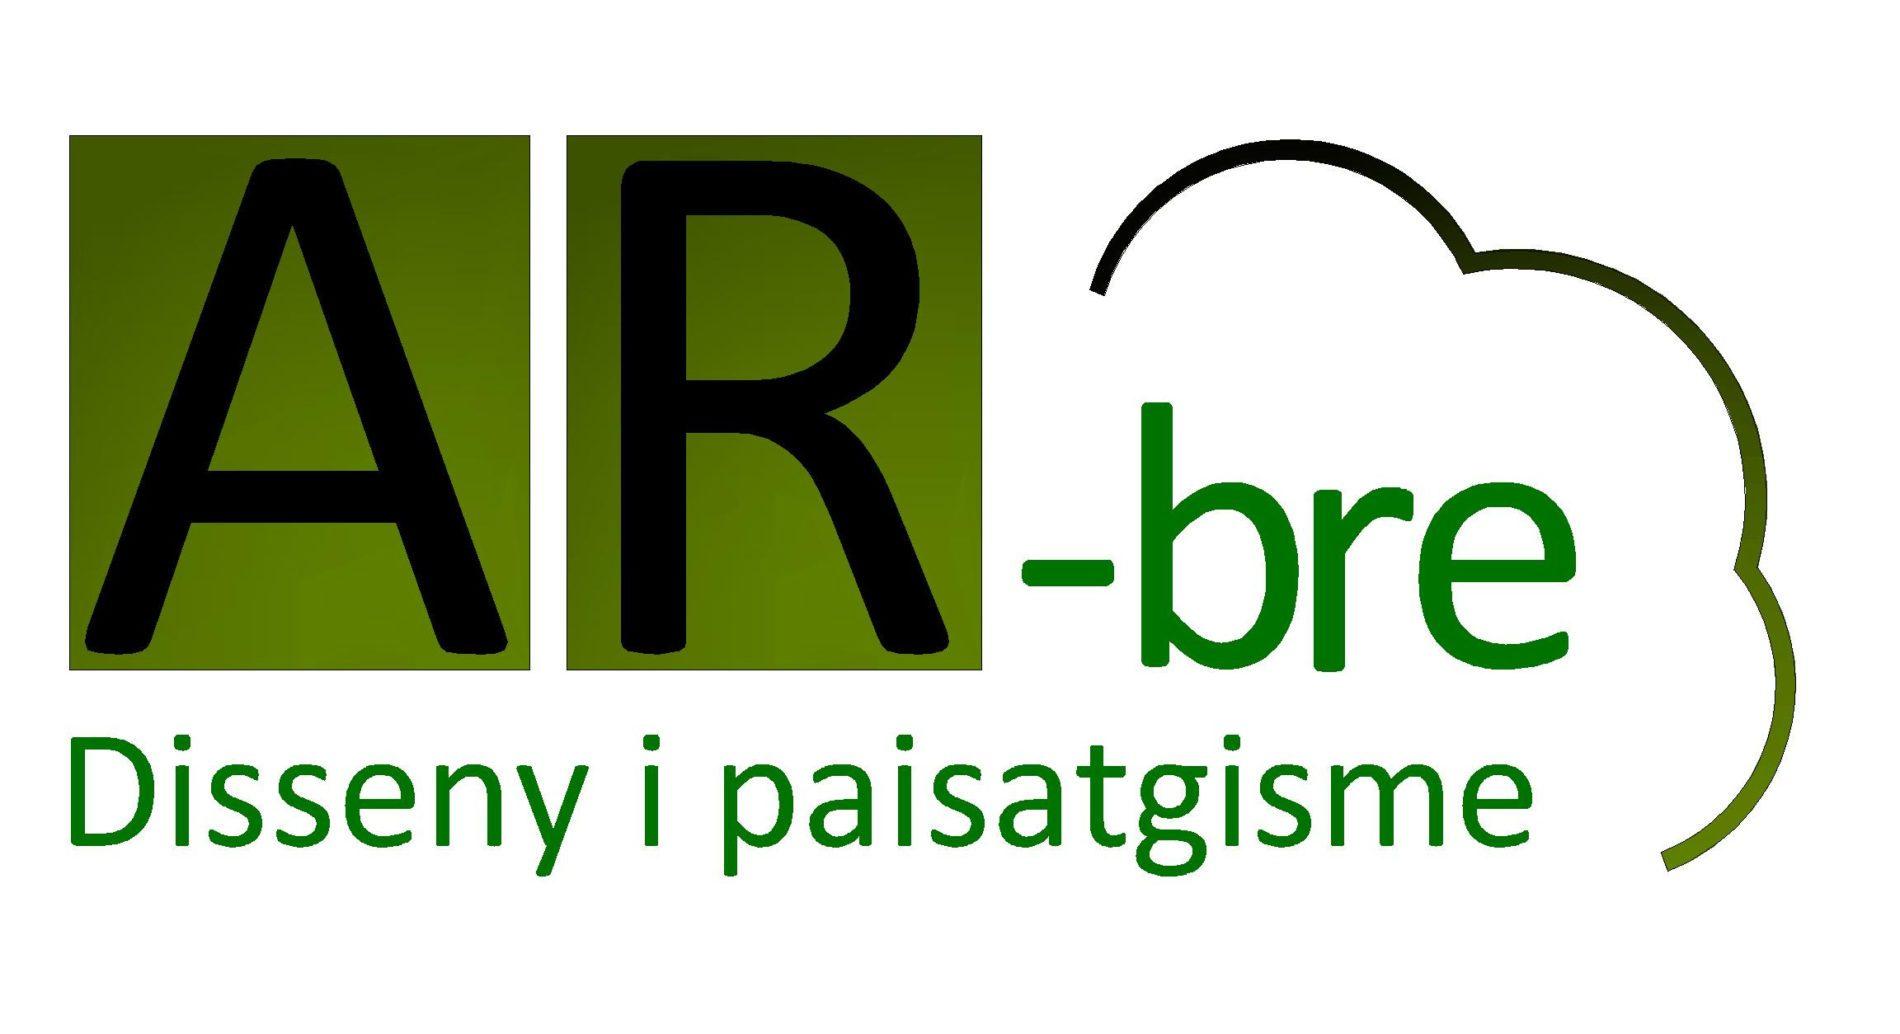 ar-bredisseny.com